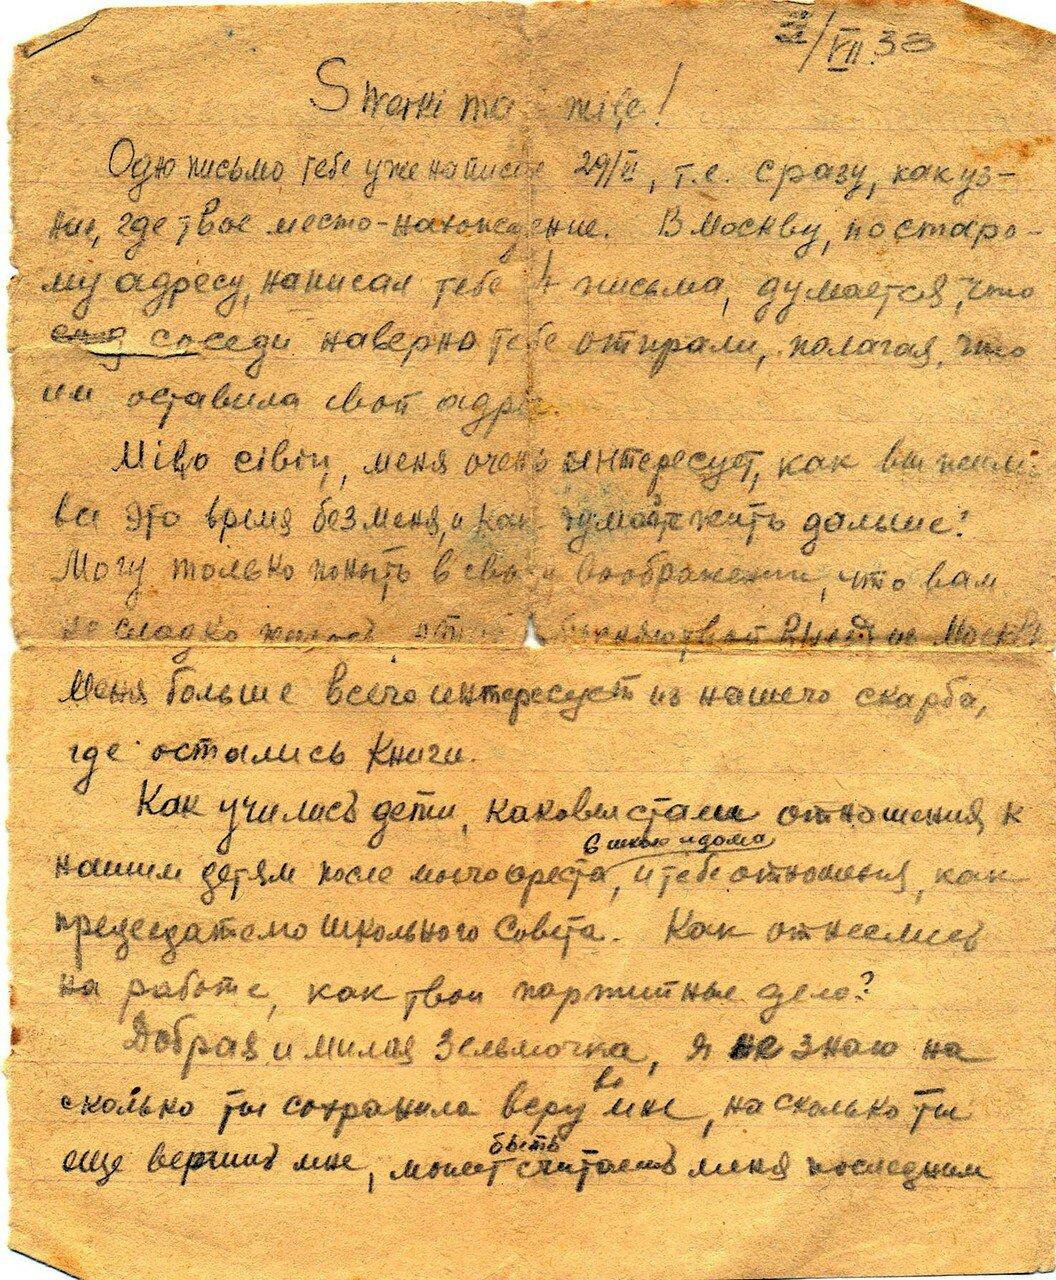 42. Письмо колхознице Петерсон от заключенного Каргапольлага. Ян просит воспользоваться облигациями внутреннего займа, не зная, что кто-то из следователей уже присвоил их